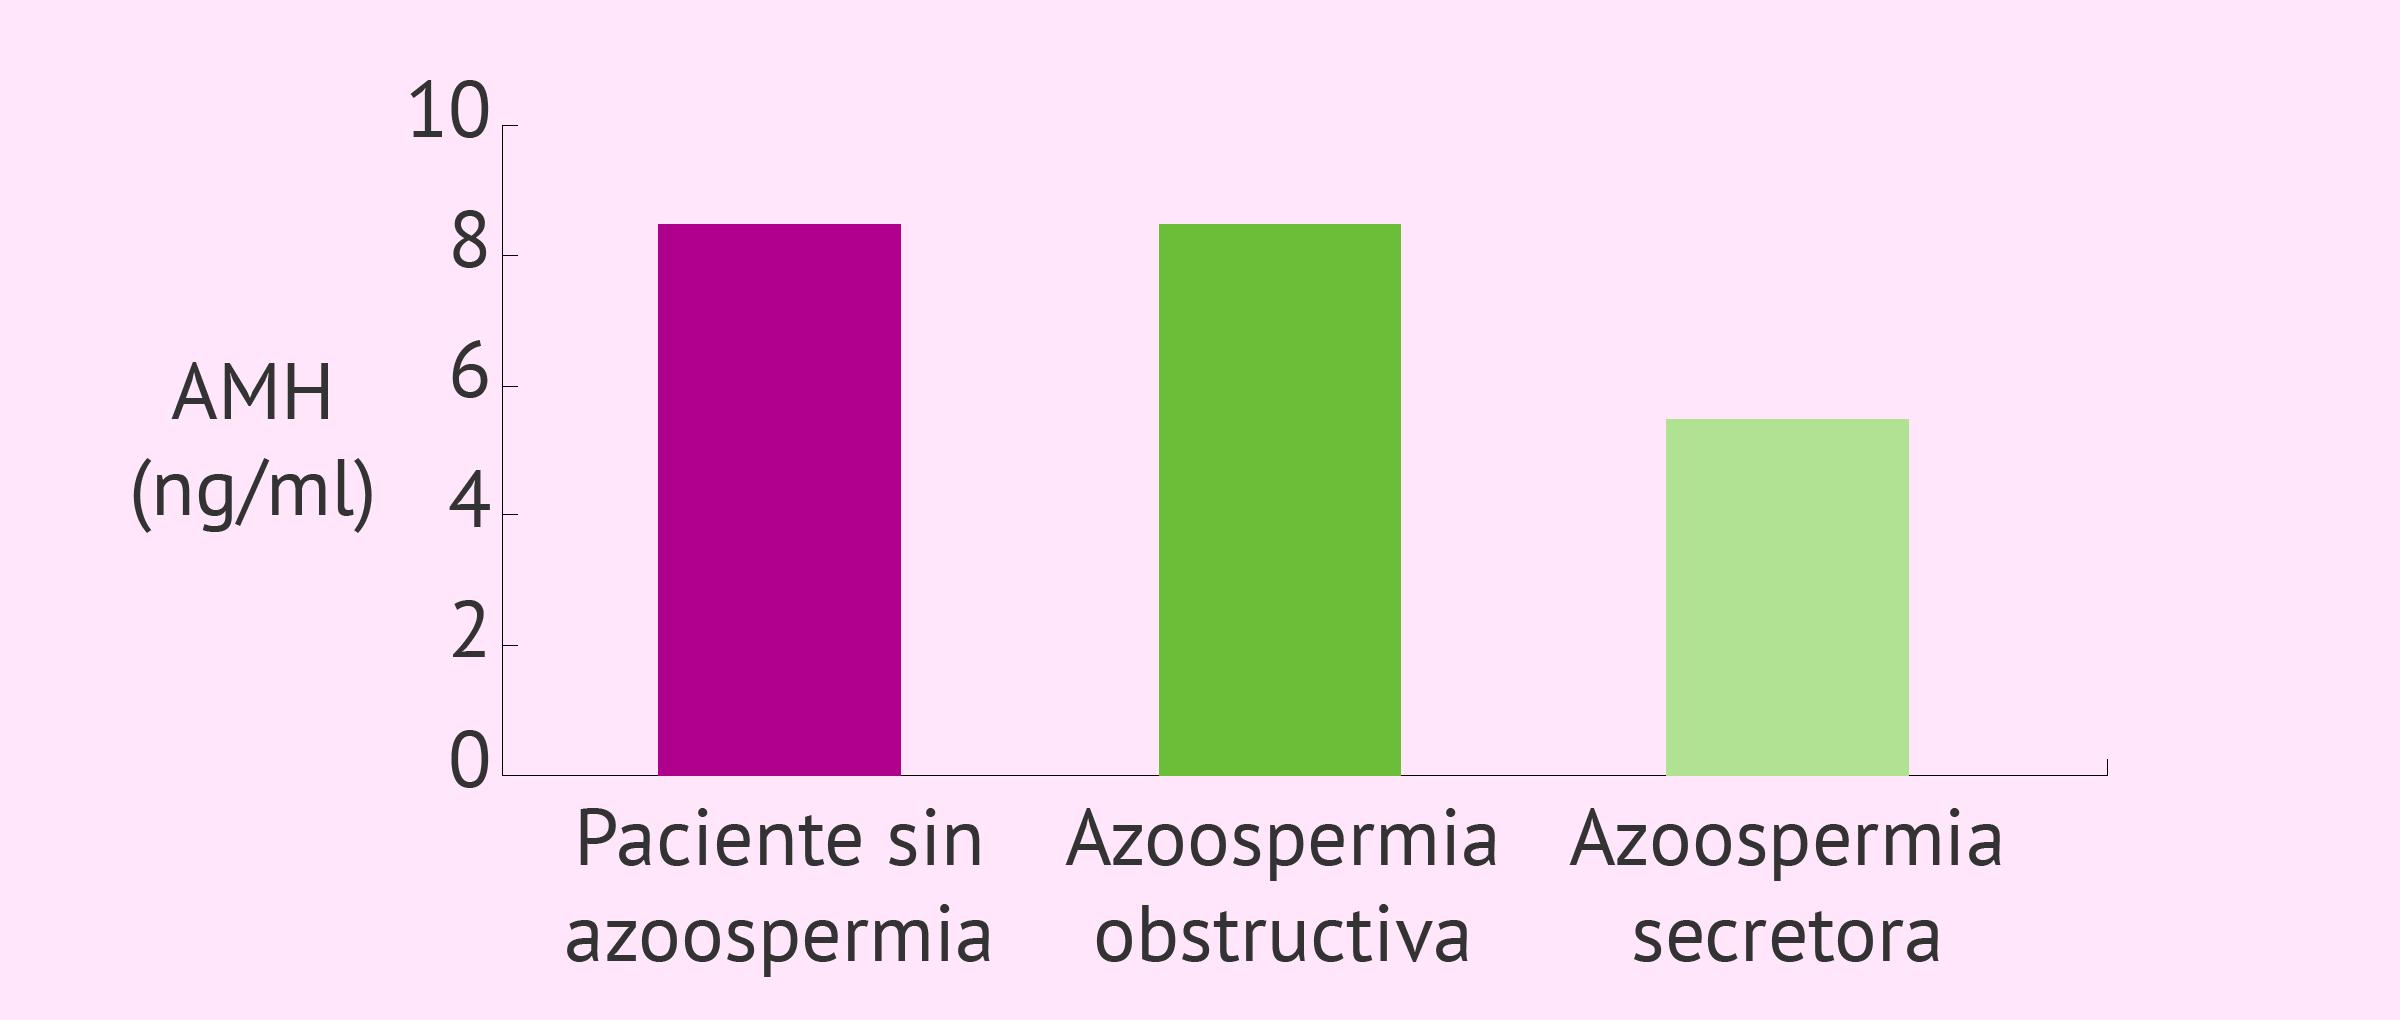 Niveles de AMH en pacientes con azoospermia